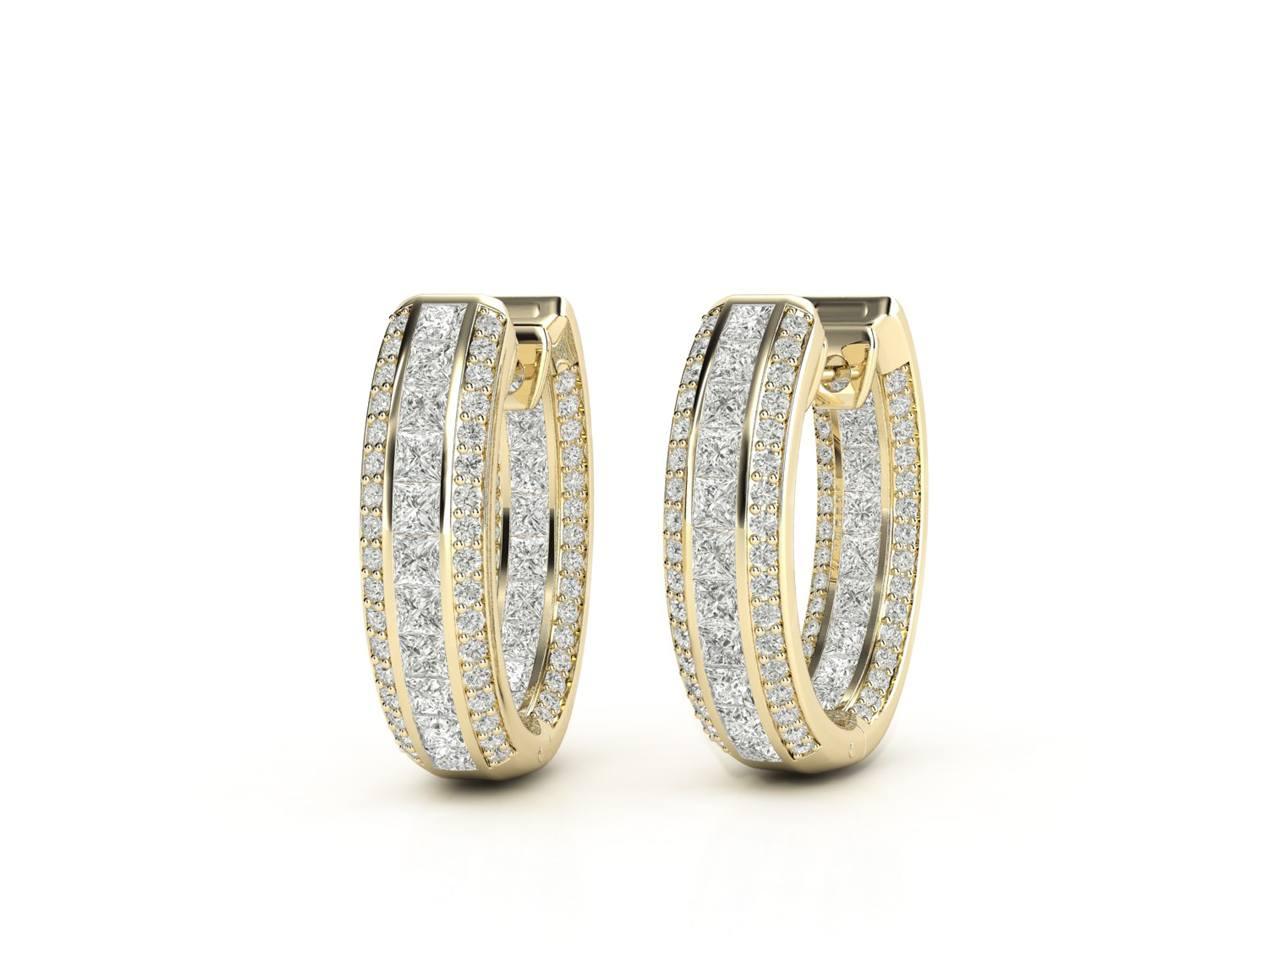 עגילי יהלומים זהב צהוב בעיצוב חישוק פאווה פרמיום